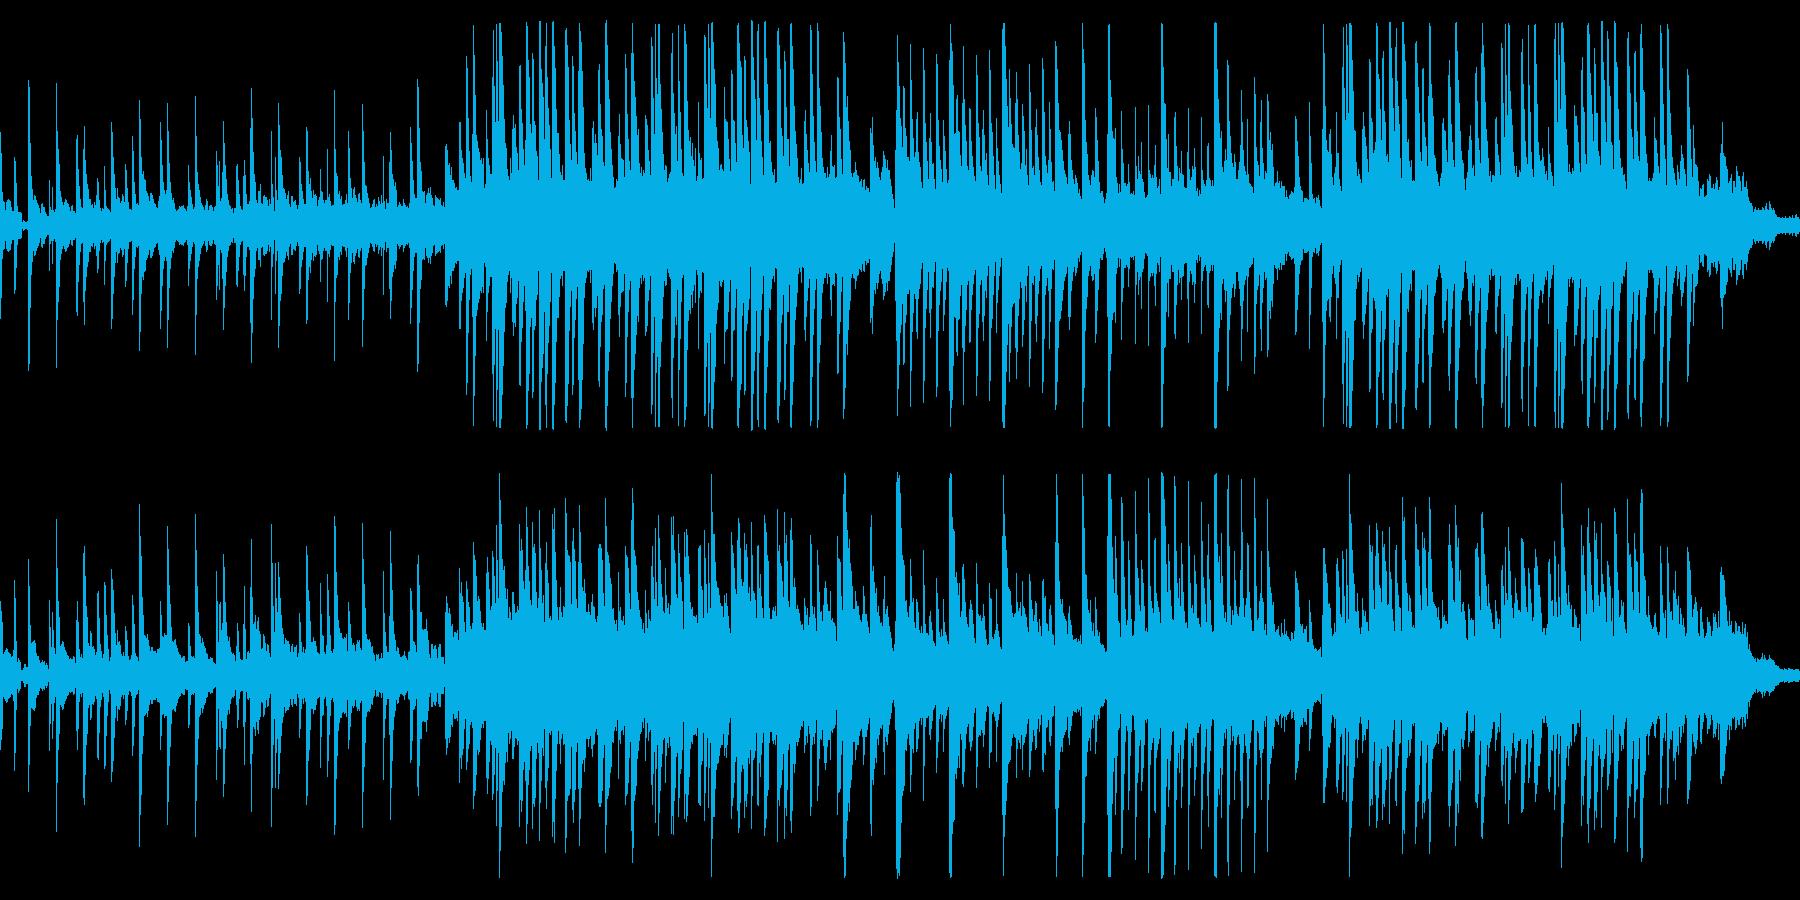 悲しい旋律のピアノバラードの再生済みの波形